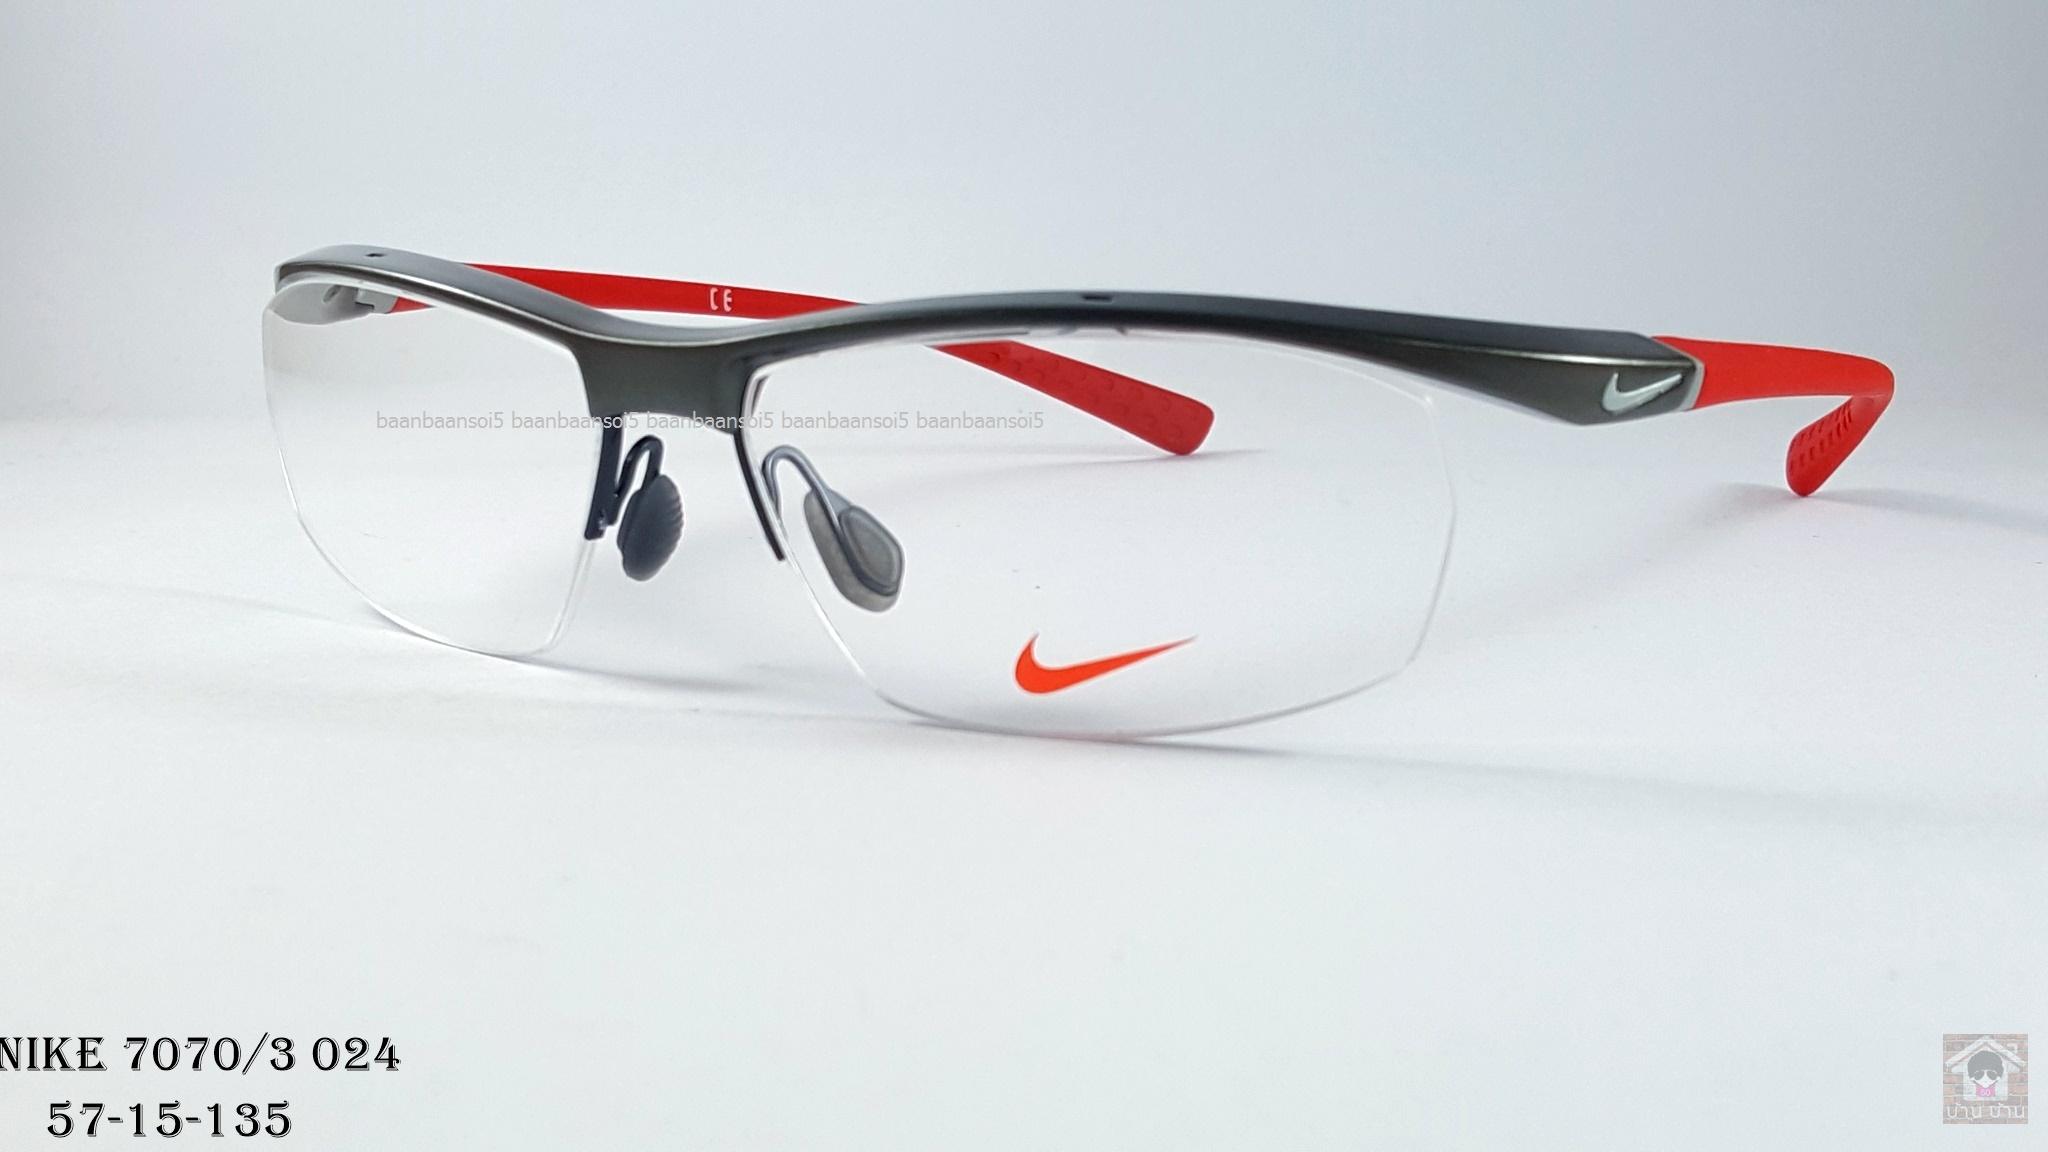 NIKE BRAND ORIGINALแท้ 7070/3 024 กรอบแว่นตาพร้อมเลนส์ มัลติโค๊ตHOYA ป้องกันรังสีคอม 4,200 บาท